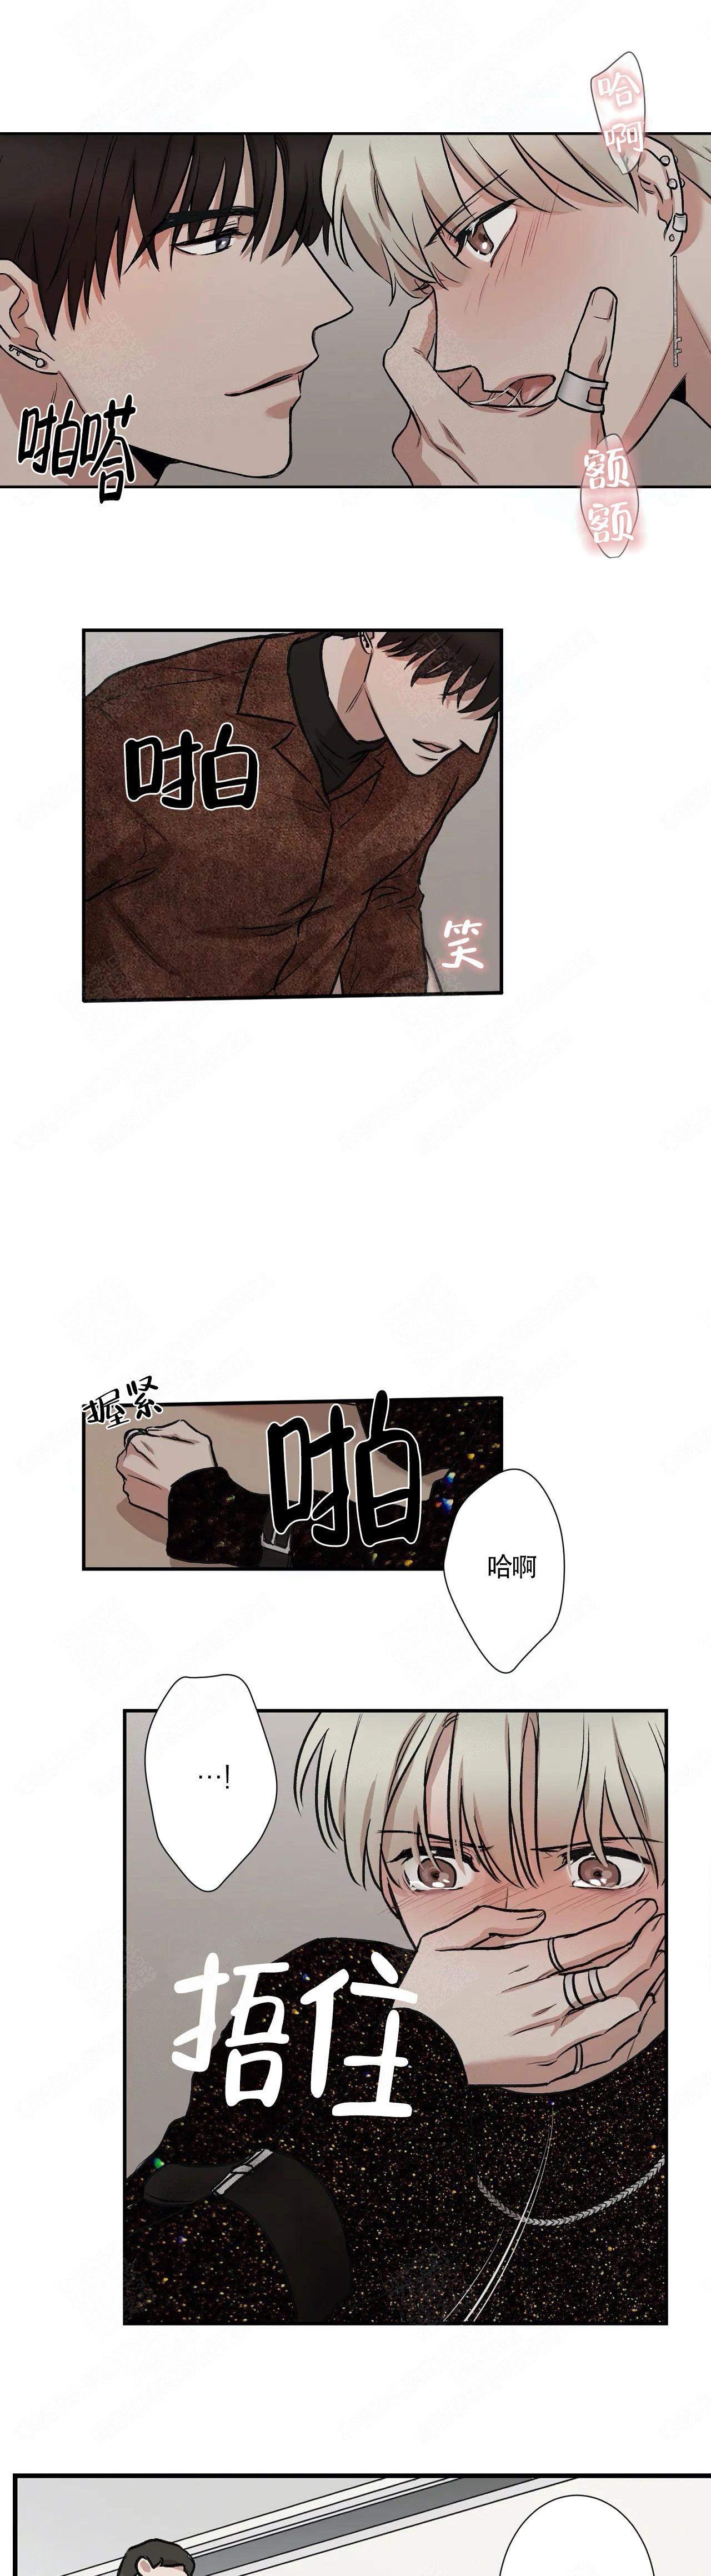 耽美漫画《隐秘》韩漫悄悄上线~第一话免费阅读&全本全集资源